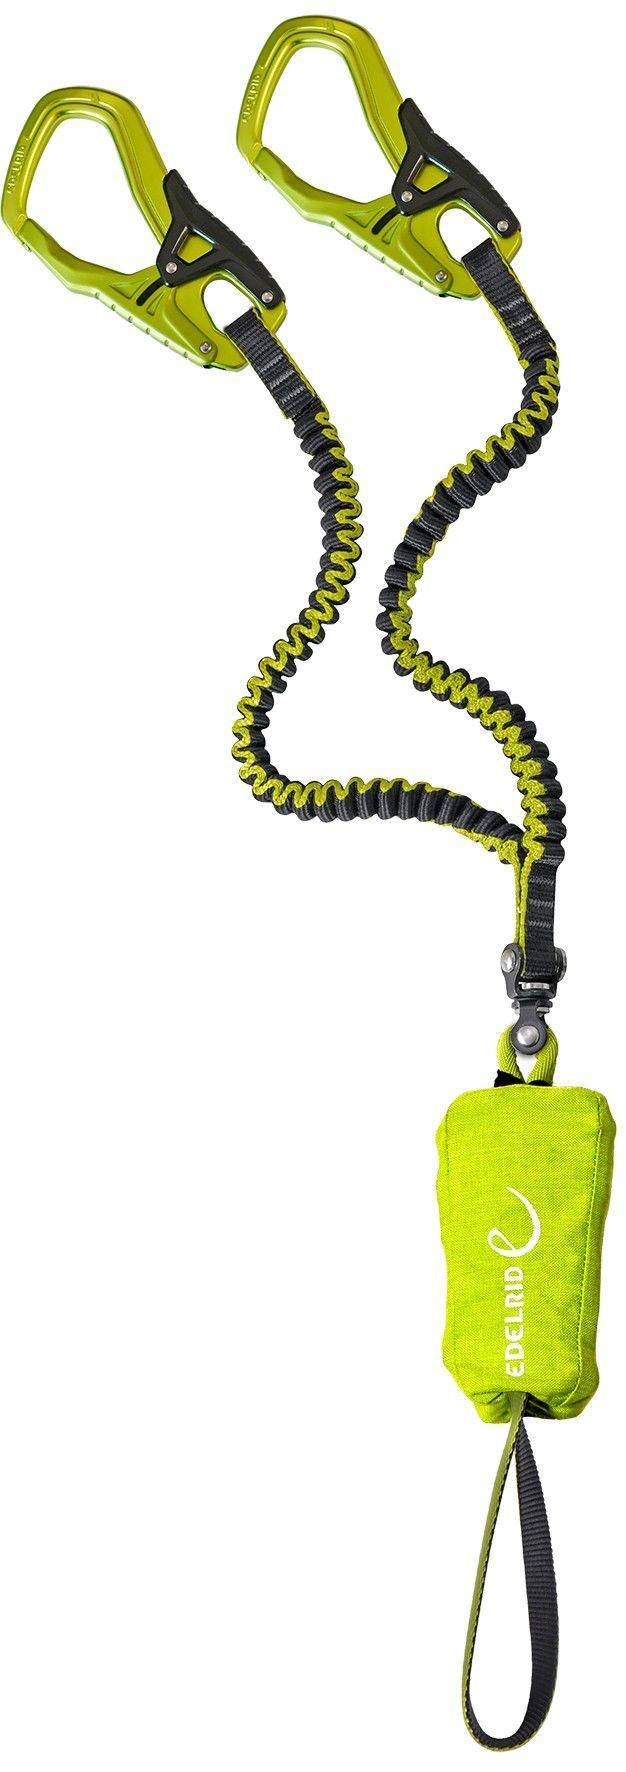 Edelrid Cable Comfort 5.0 Grün, Klettersteig-Ausrüstung, One Size